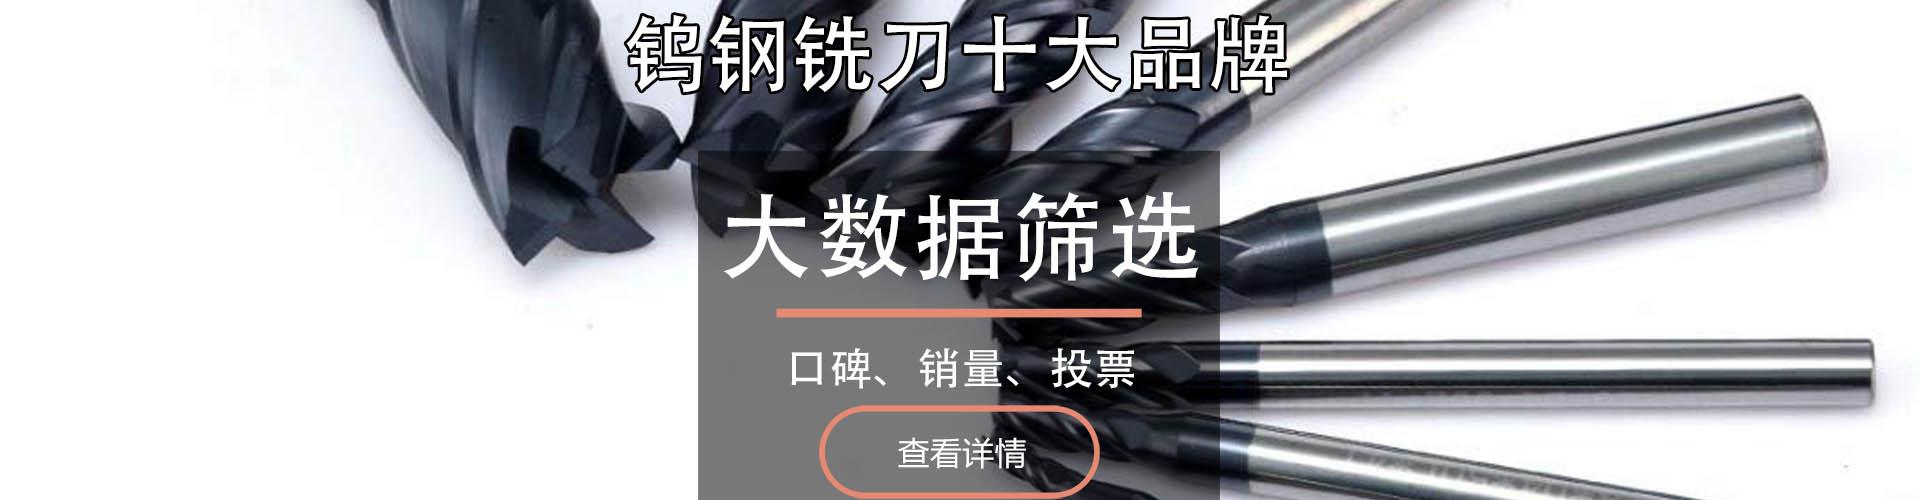 钨钢铣刀十大品牌排行榜